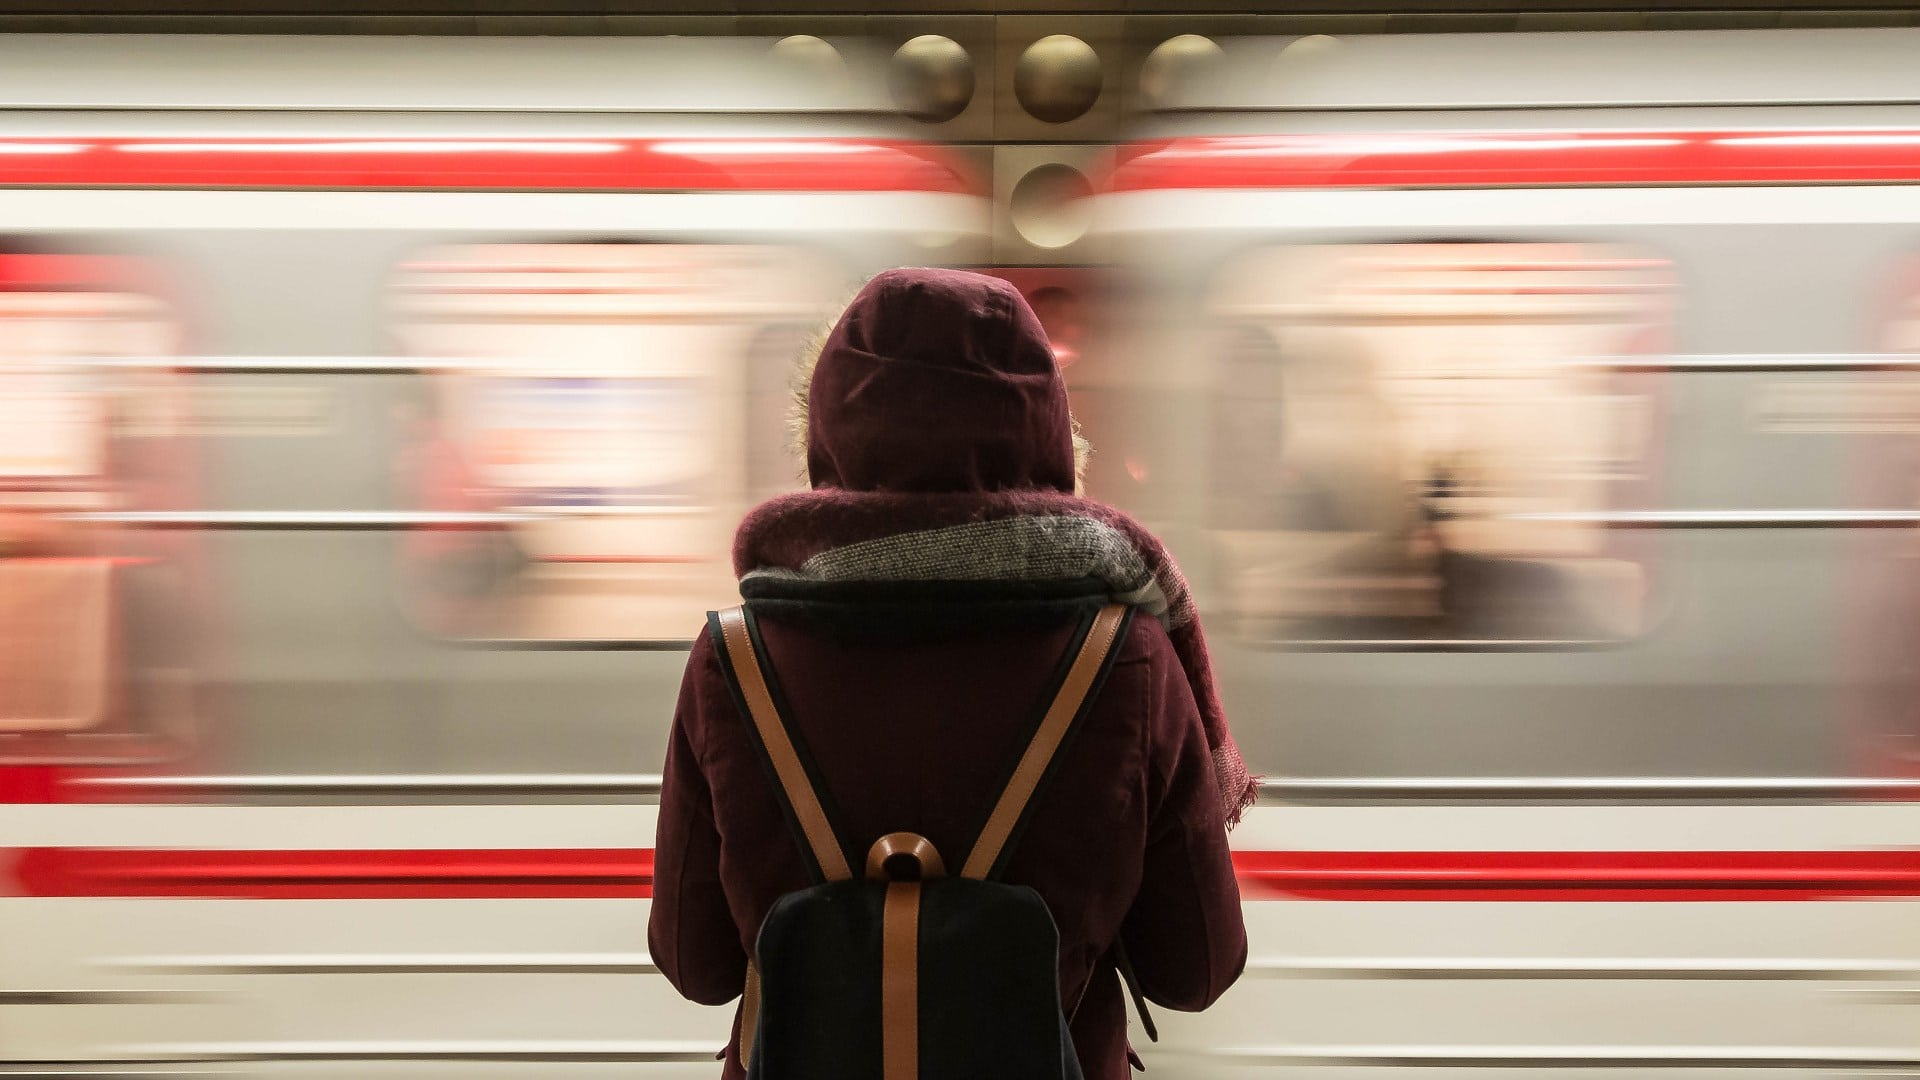 Когда власти Москвы планируют запустить оплату проезда в метро с помощью лица